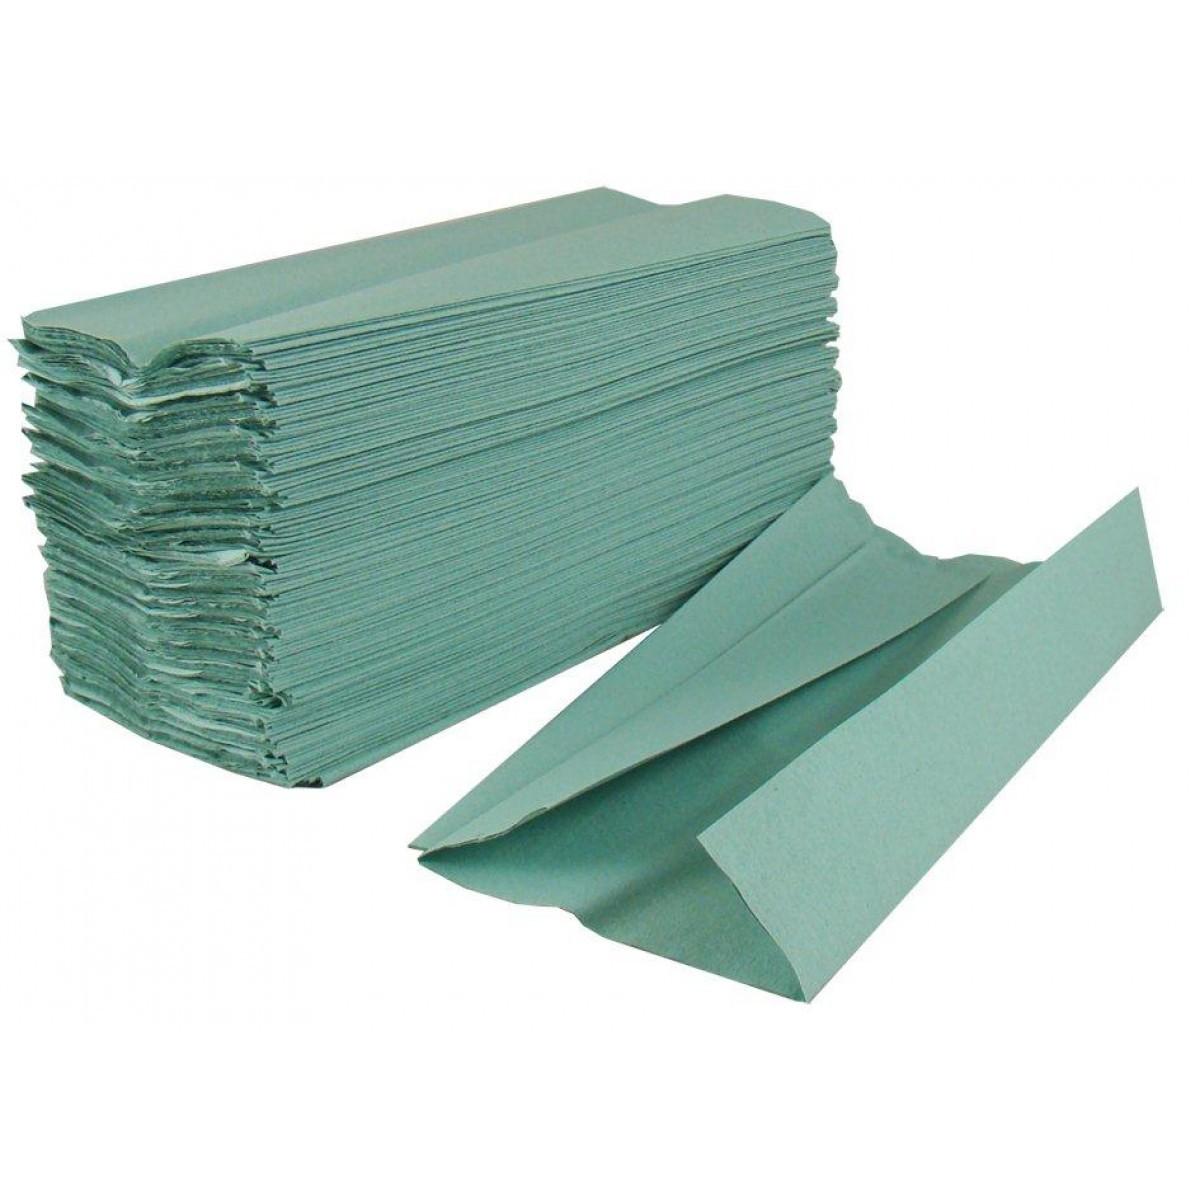 C-Fold Towel Green Hand Towel Pk2600